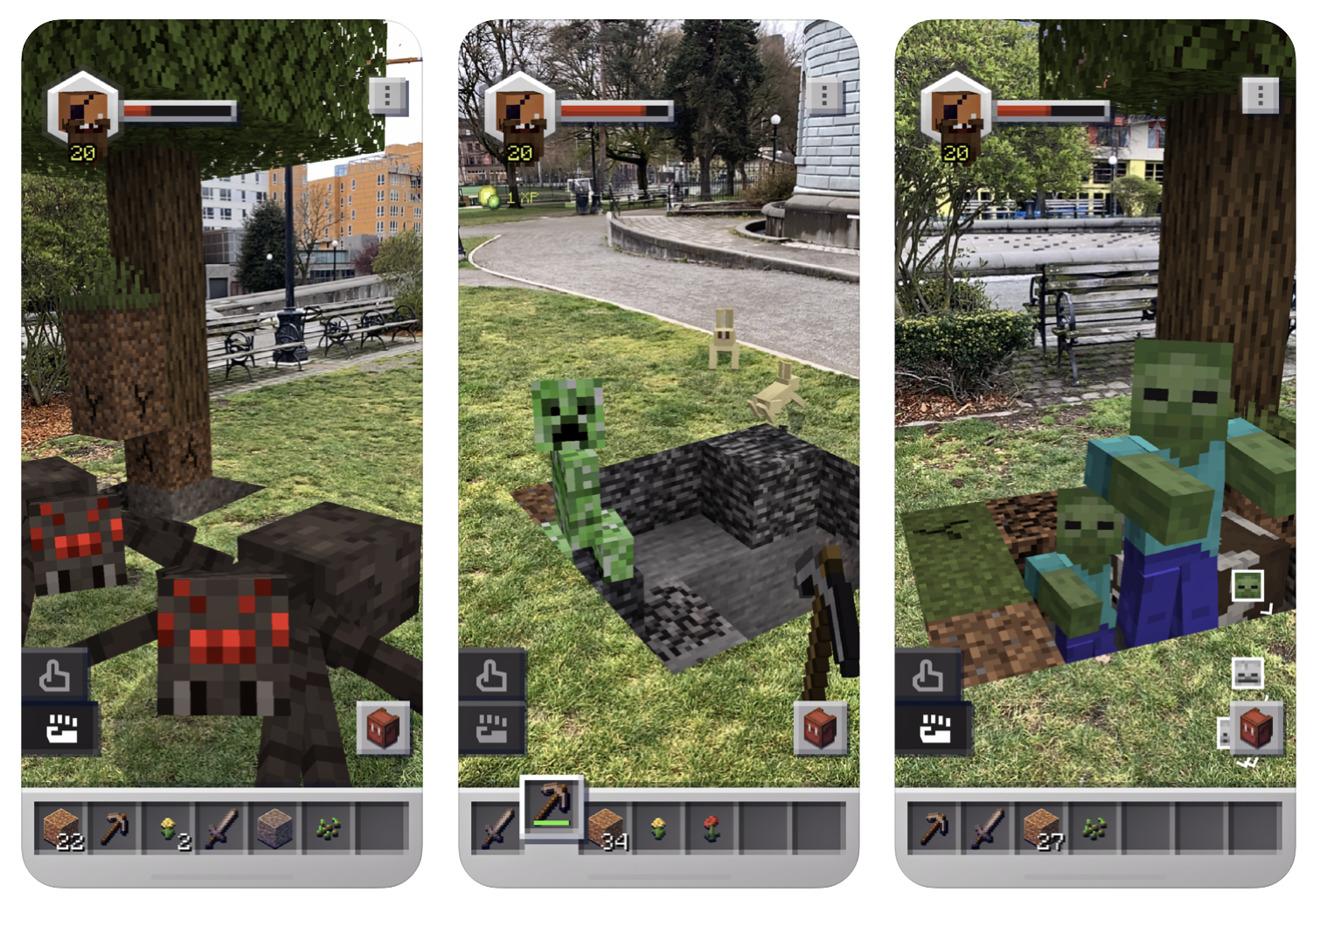 Come la visione della realtà aumentata di Tim Cook ha ripagato Apple